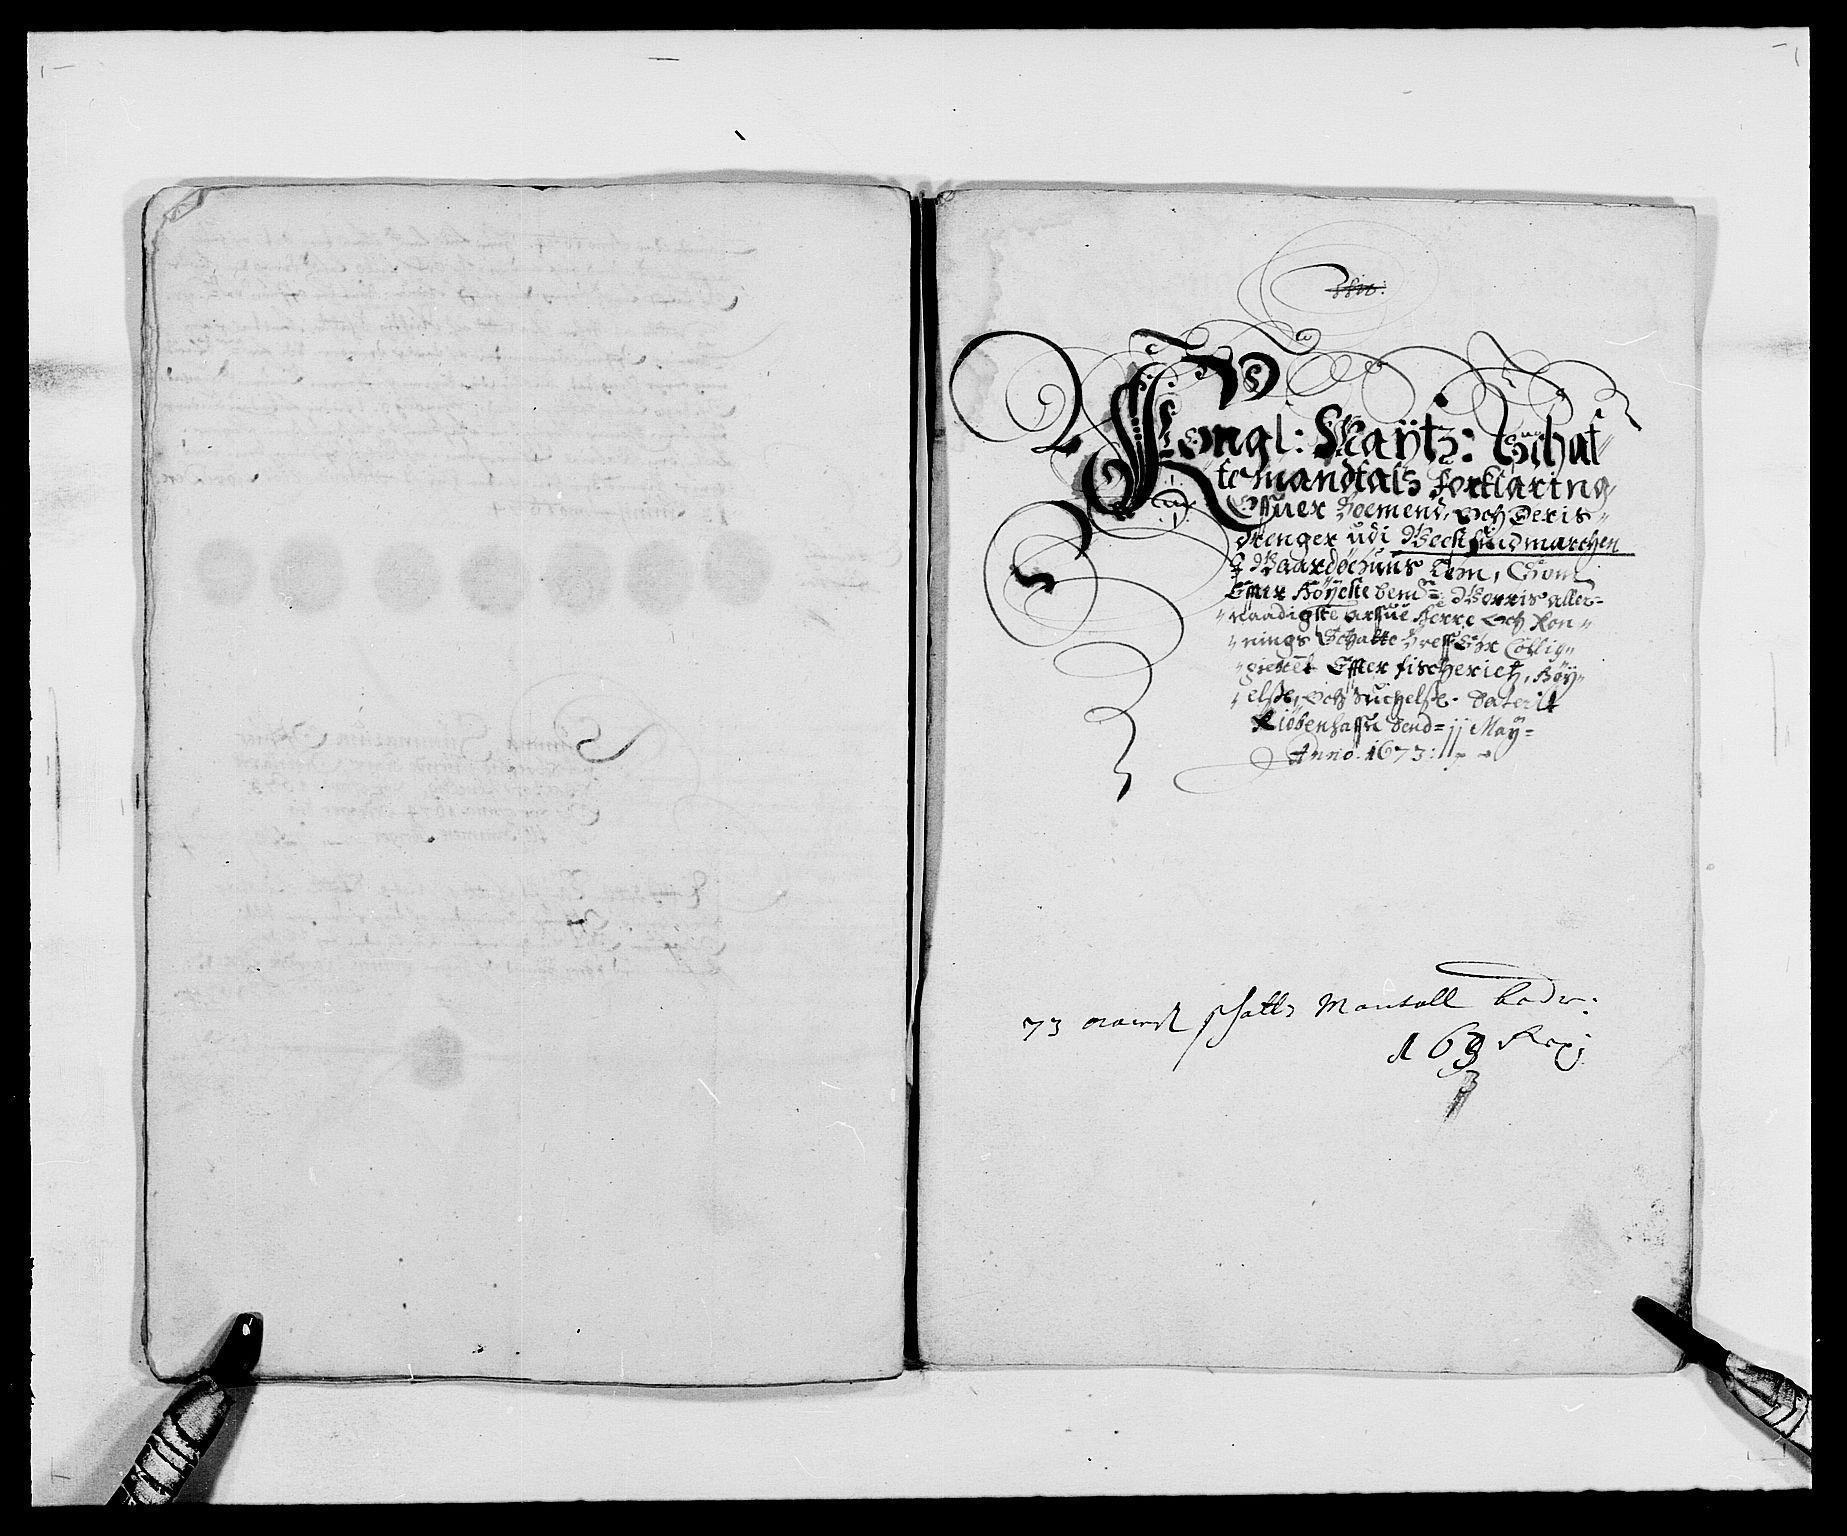 RA, Rentekammeret inntil 1814, Reviderte regnskaper, Fogderegnskap, R69/L4849: Fogderegnskap Finnmark/Vardøhus, 1661-1679, s. 291